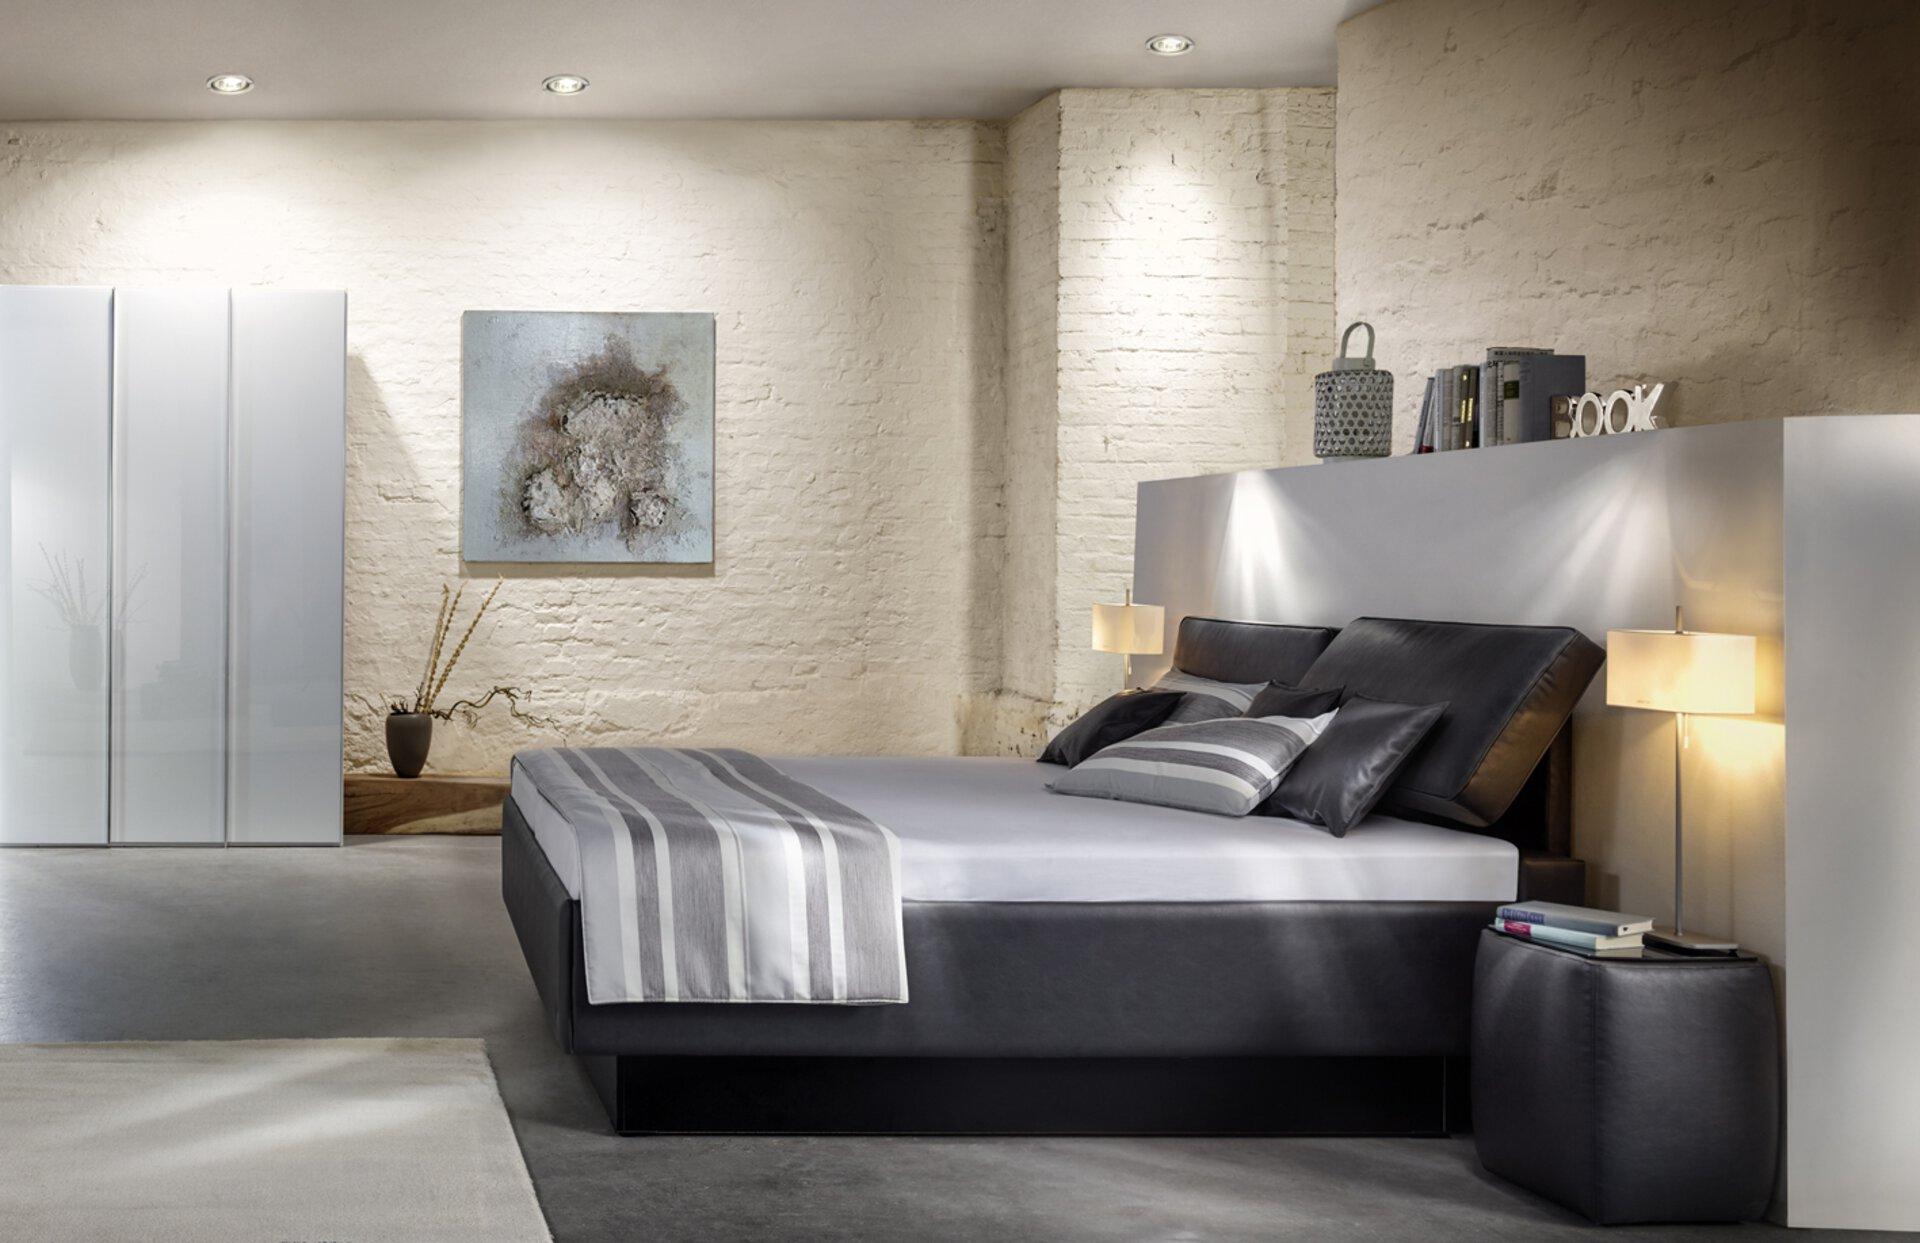 Polsterbett COMPOSIUM Ruf Betten Textil